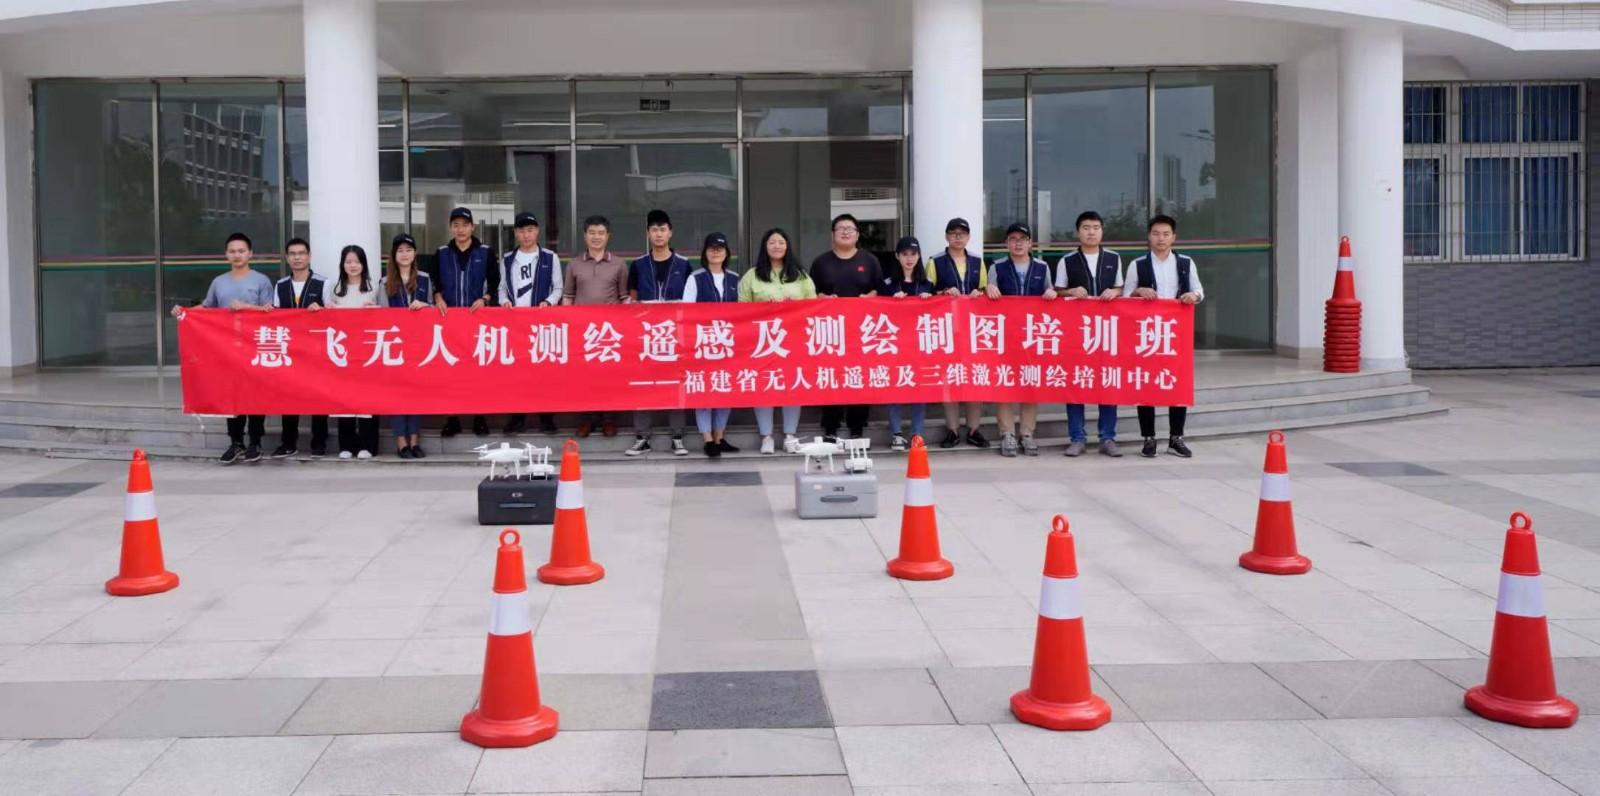 大齐旅游集团技术工程师参加智飞无人机测绘遥感制图培训班